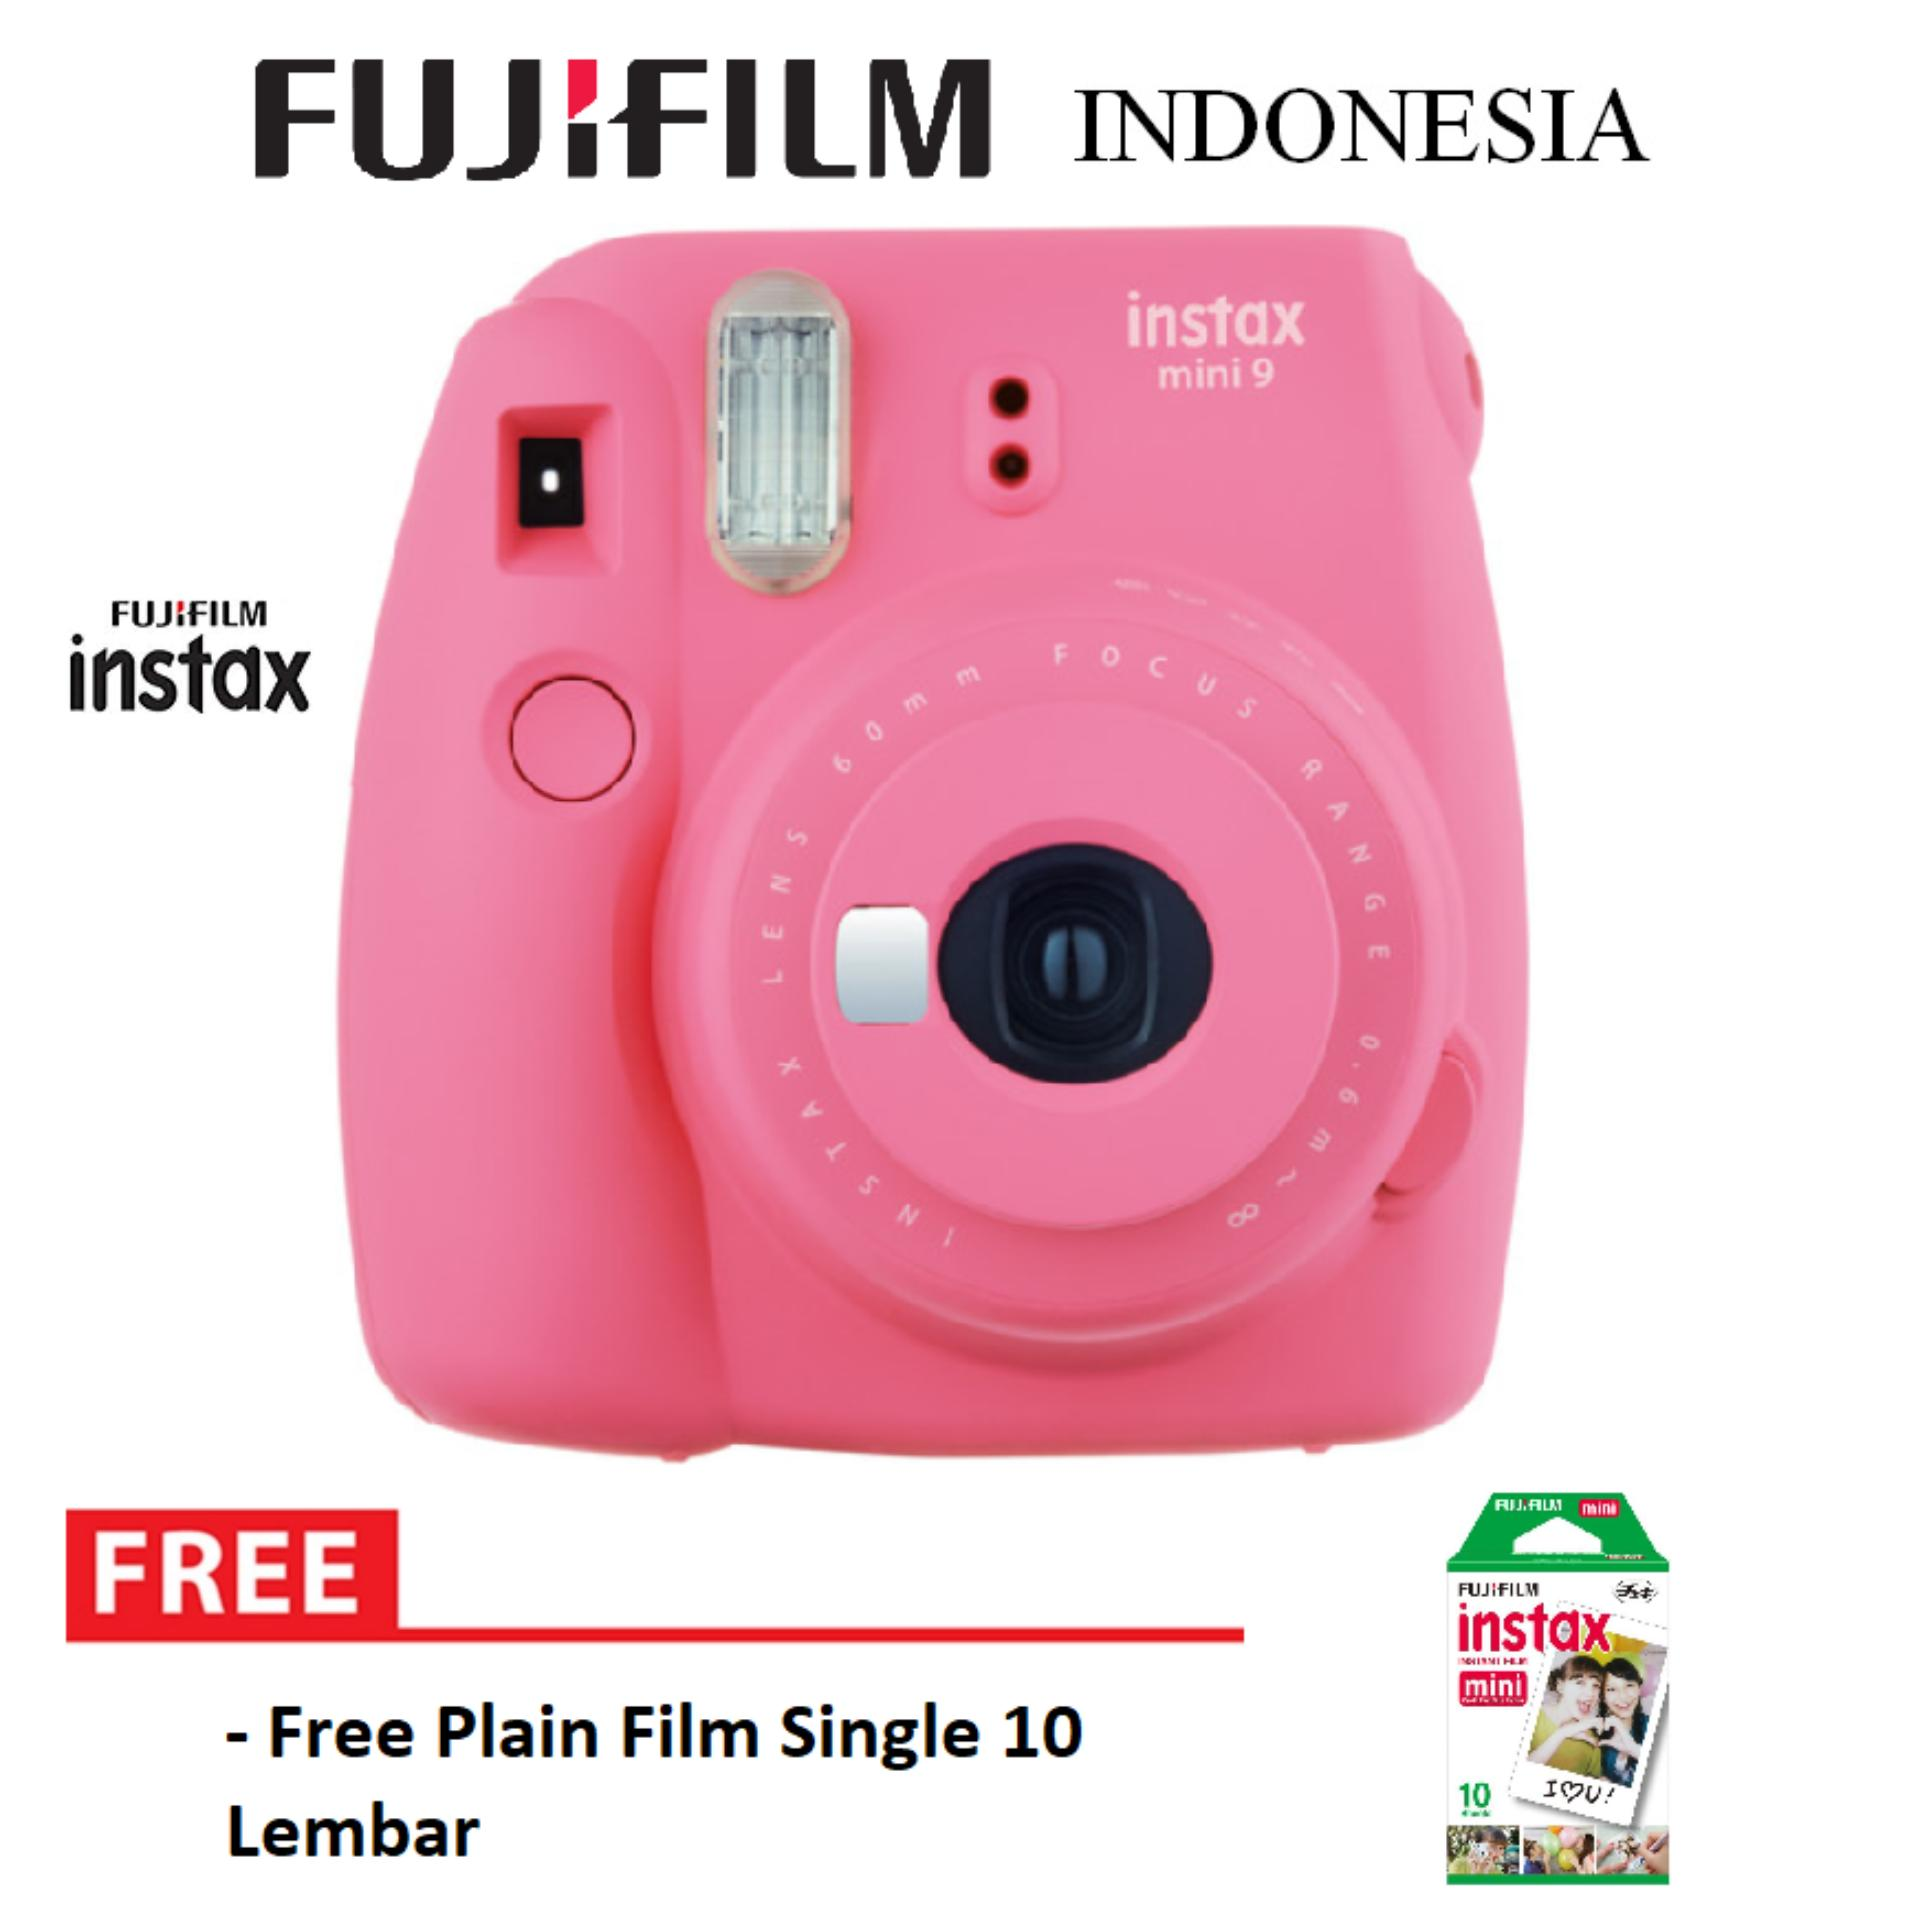 Beli Fujifilm Instax Polaroid Camera Mini 9 Paket Standard Flamingo Pink Fujifilm Dengan Harga Terjangkau